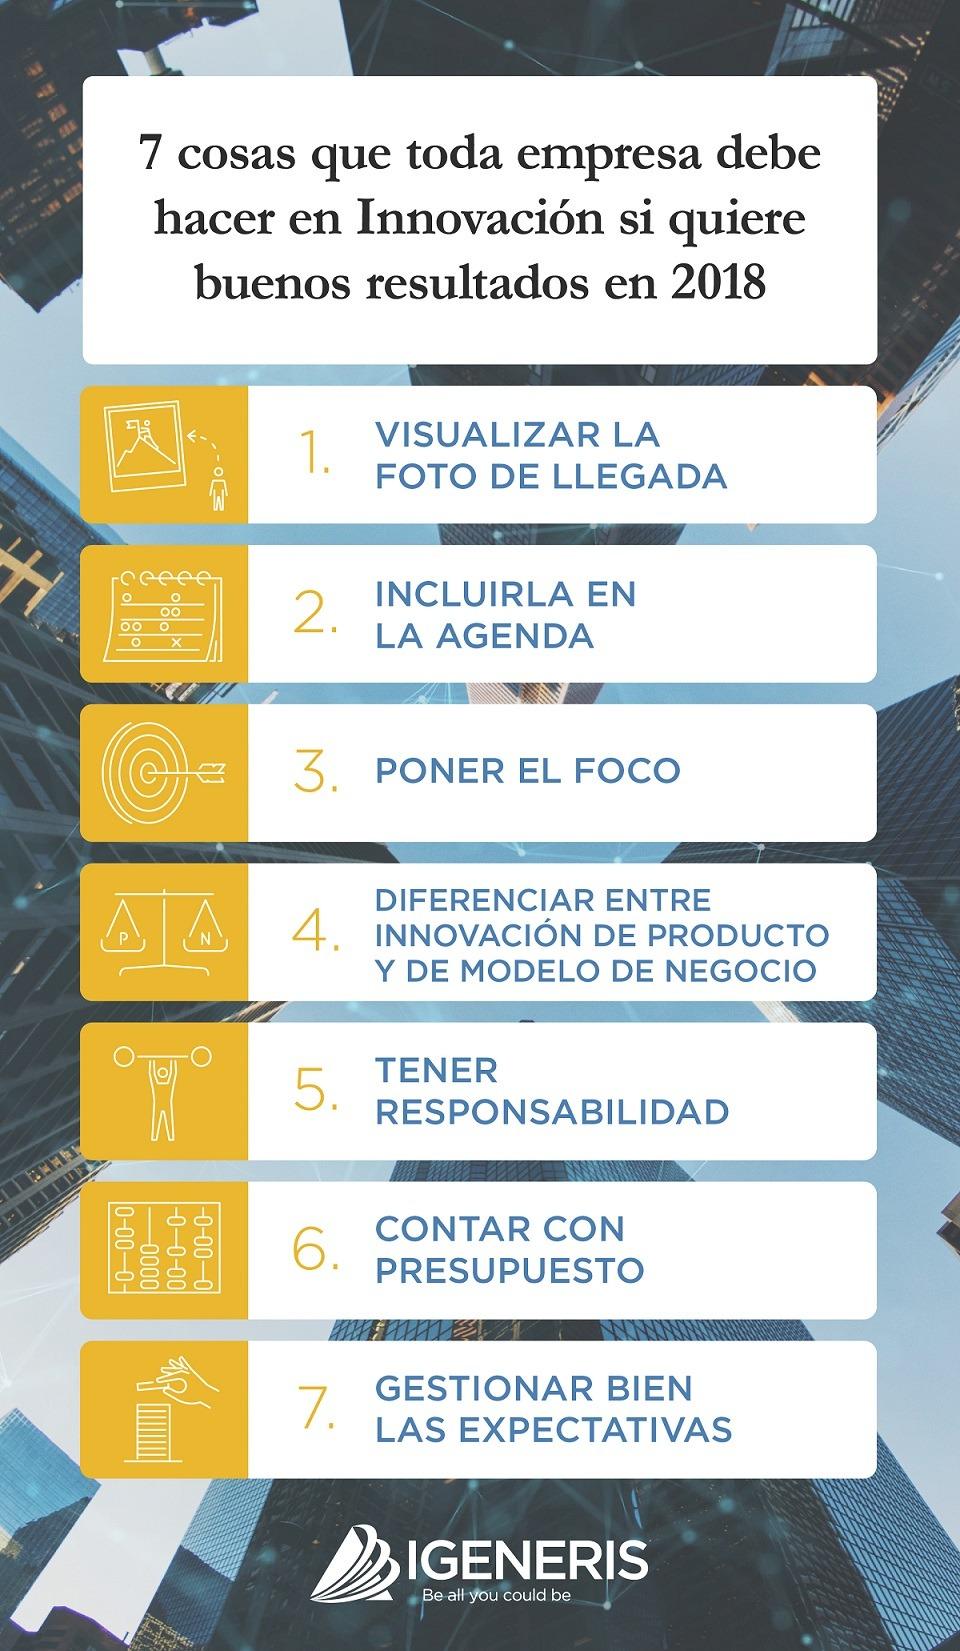 Infografía 7 cosas que toda empresa debe hacer si quiere buenos resultados en 2018_IGENERIS